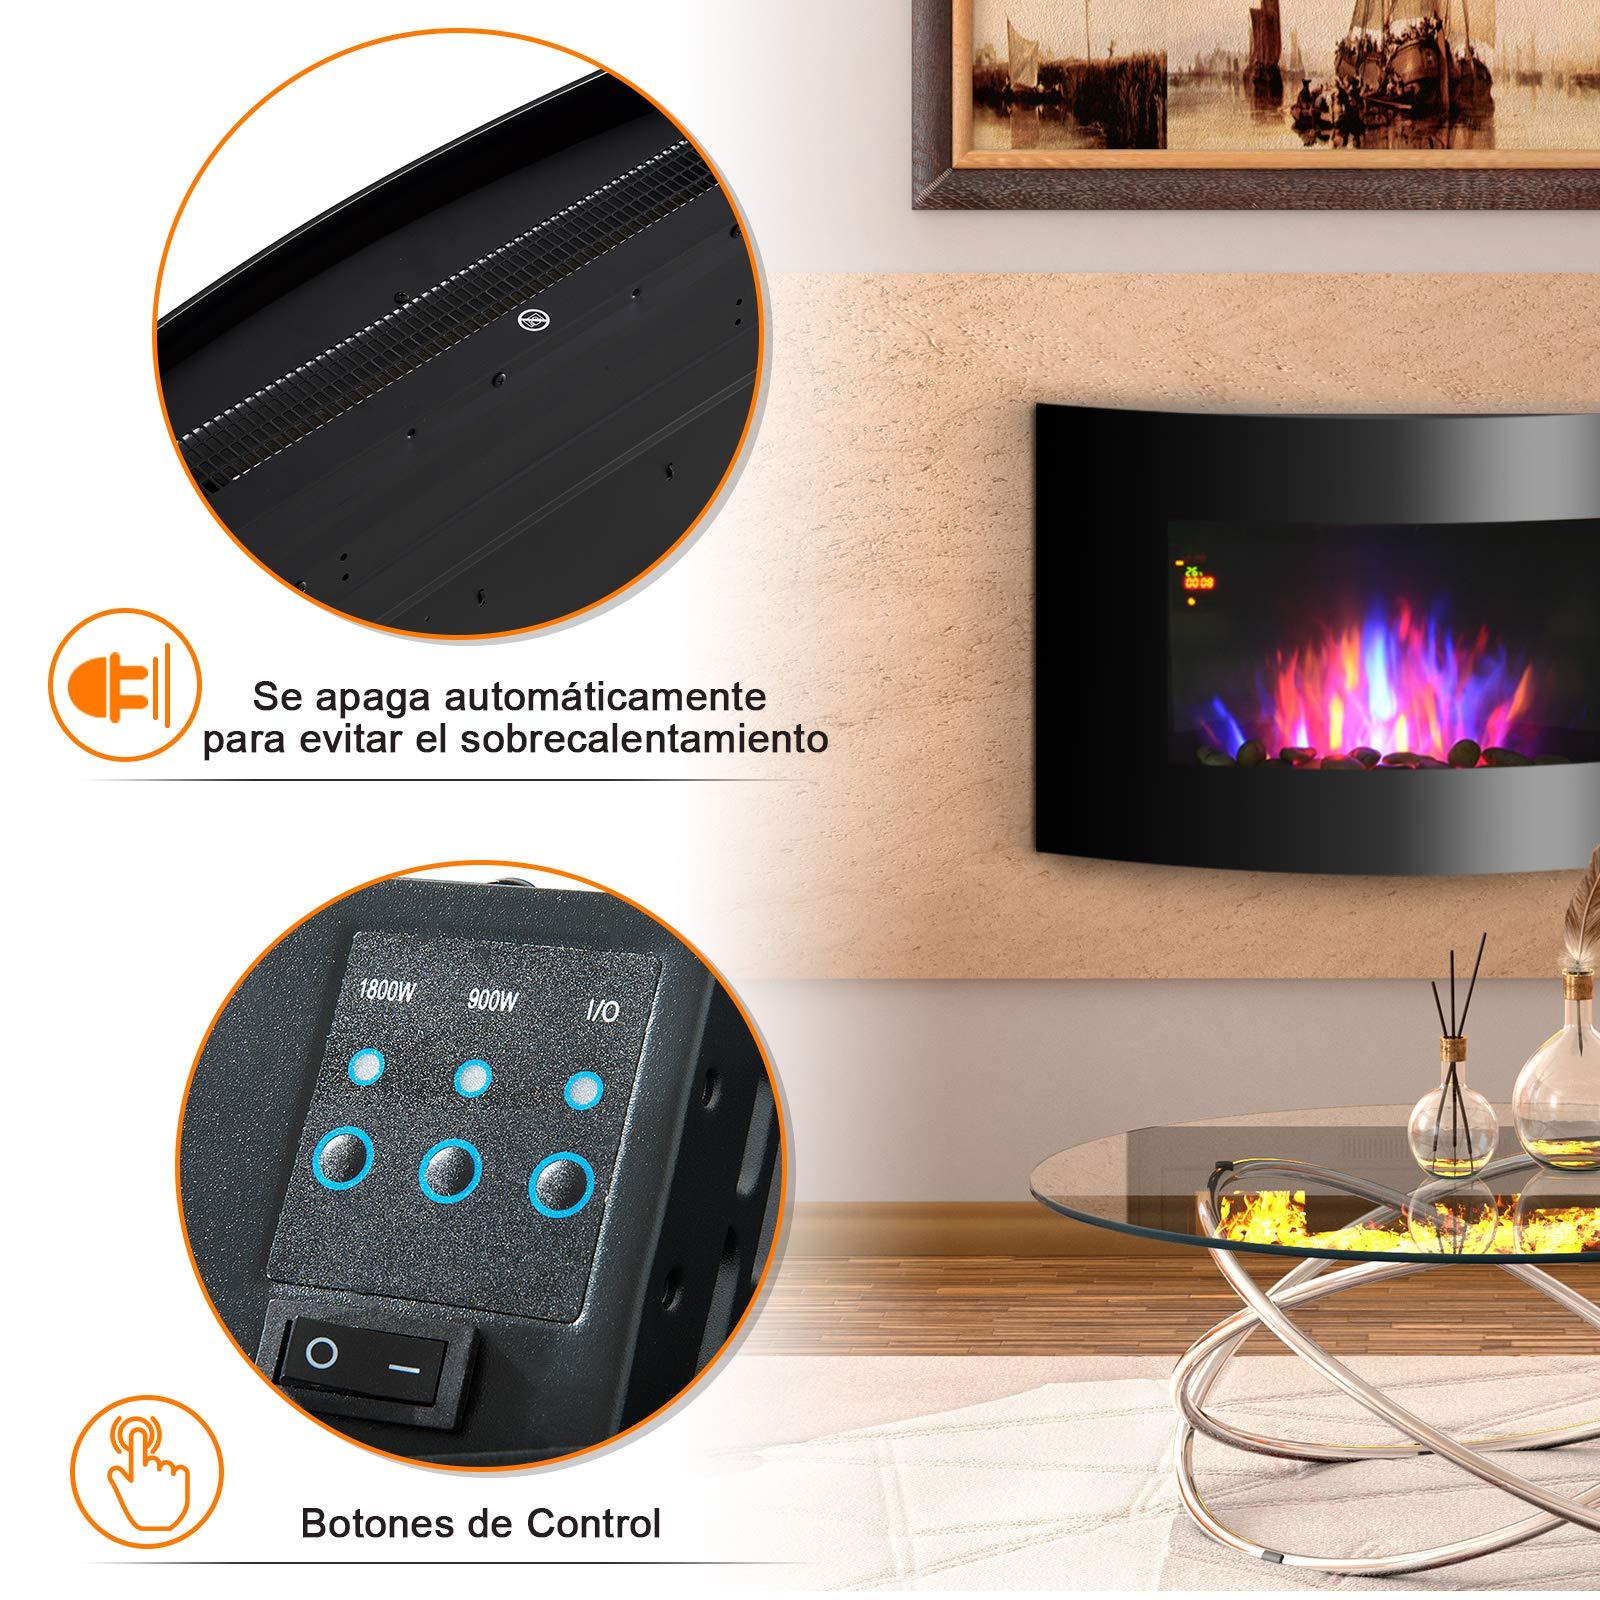 HOMCOM Chimenea Eléctrica de Pared Estufa Eléctrica Calentador de Fuego 900/1800W con Mando a Distancia Termostato Llama LED 7 Colores: Amazon.es: Hogar